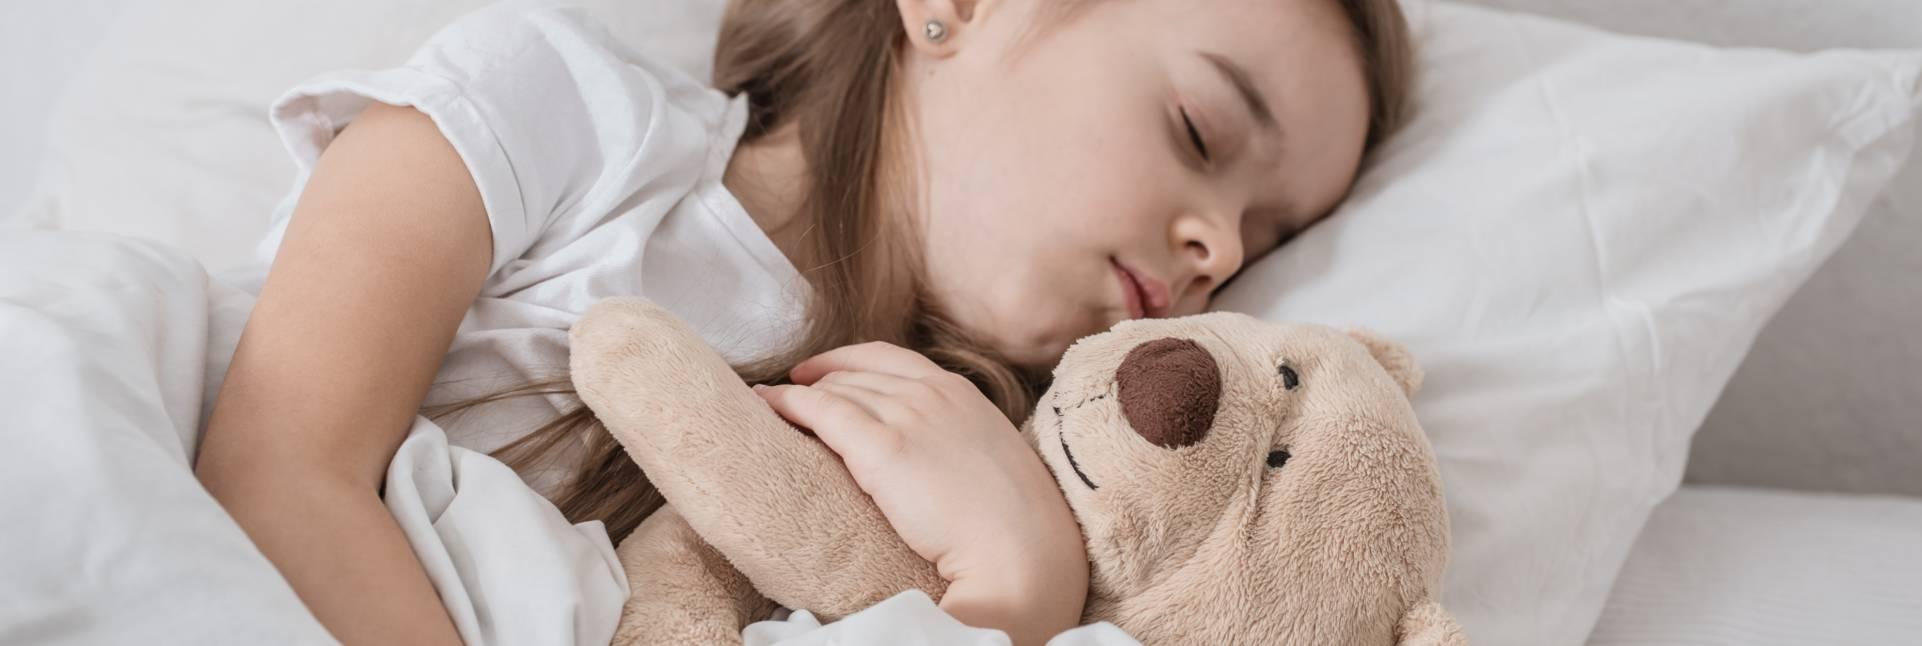 Consejos para que los niños duerman bien en tiempos de coronavirus